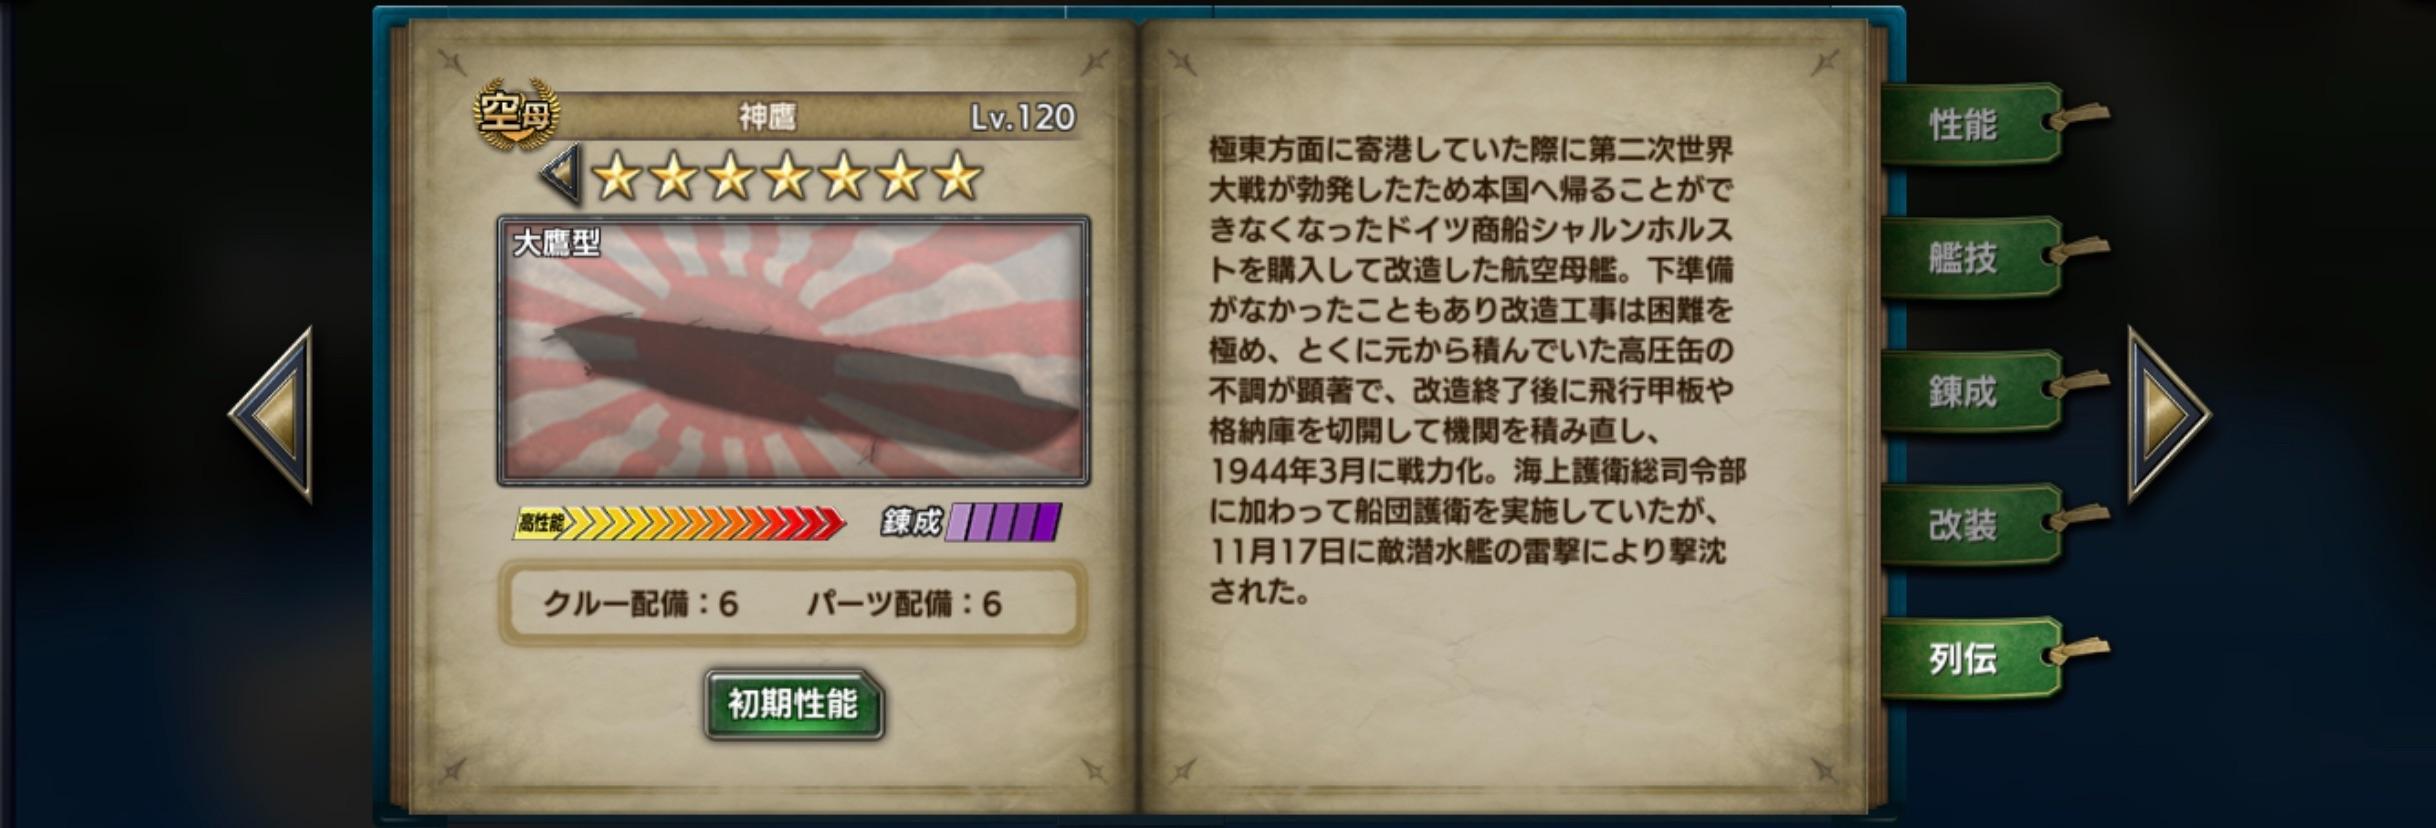 Shinyo-history